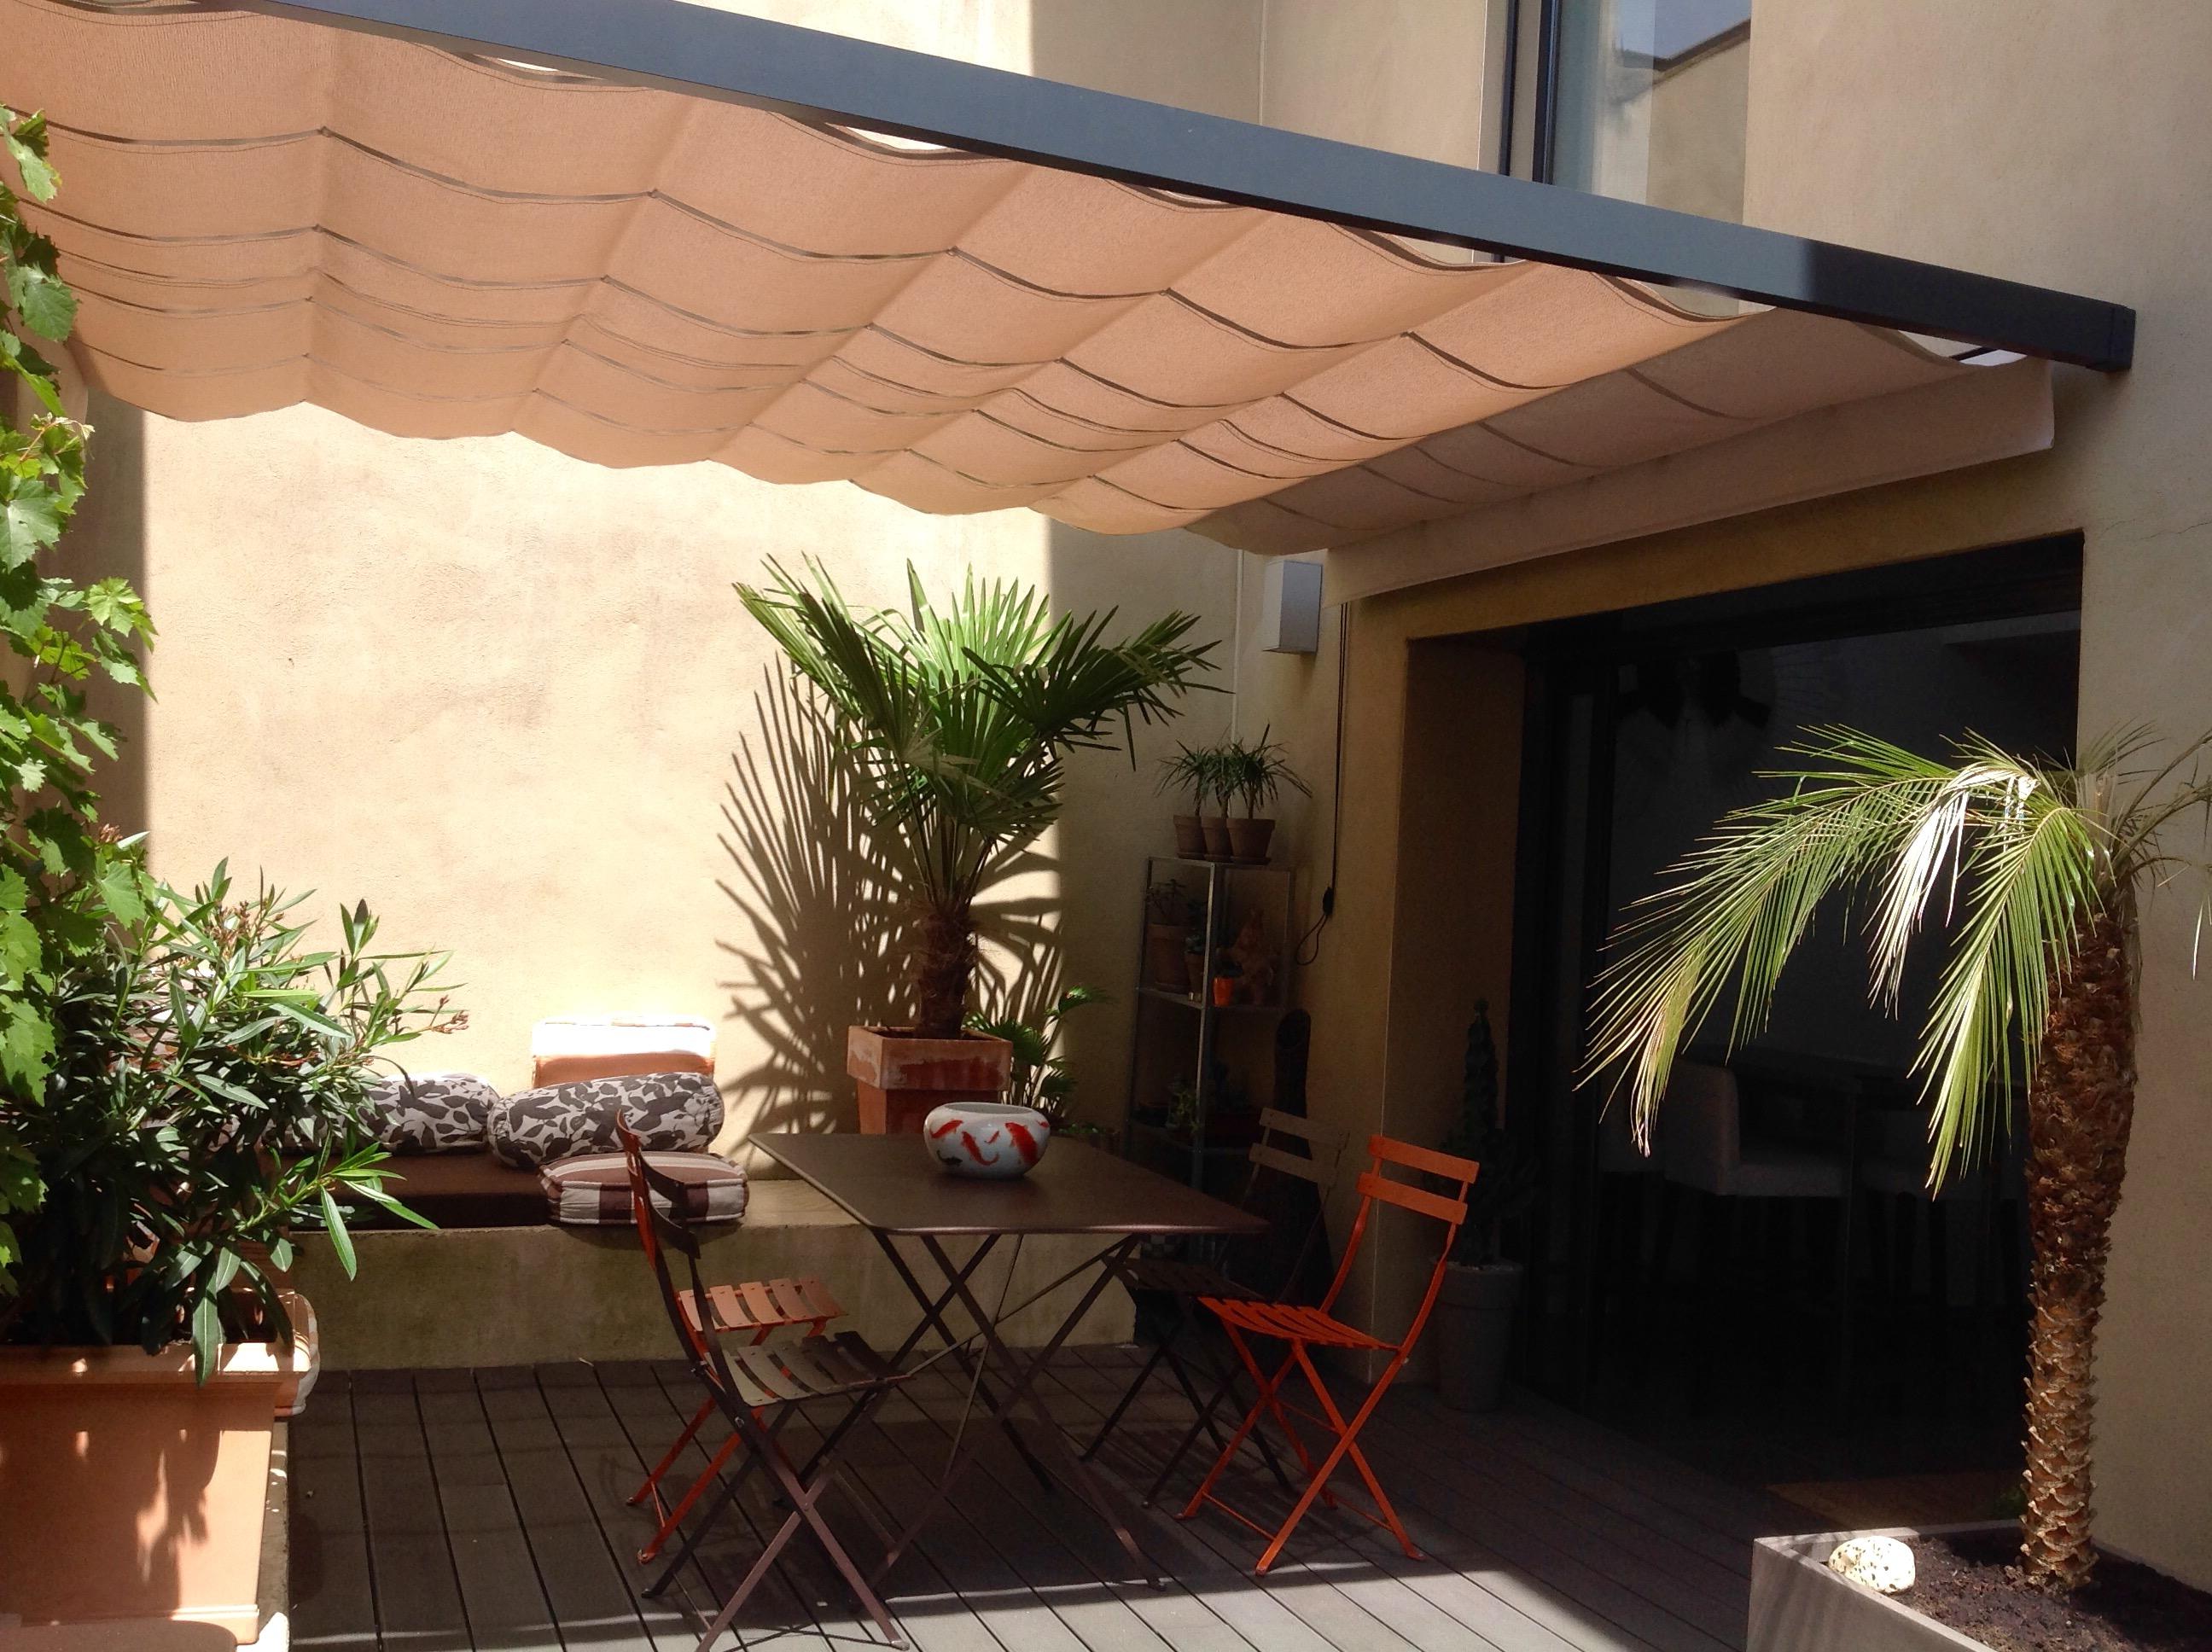 vélum sur mesure, tendu entre 2 façades, pour apporter un ombrage agréable et aéré.